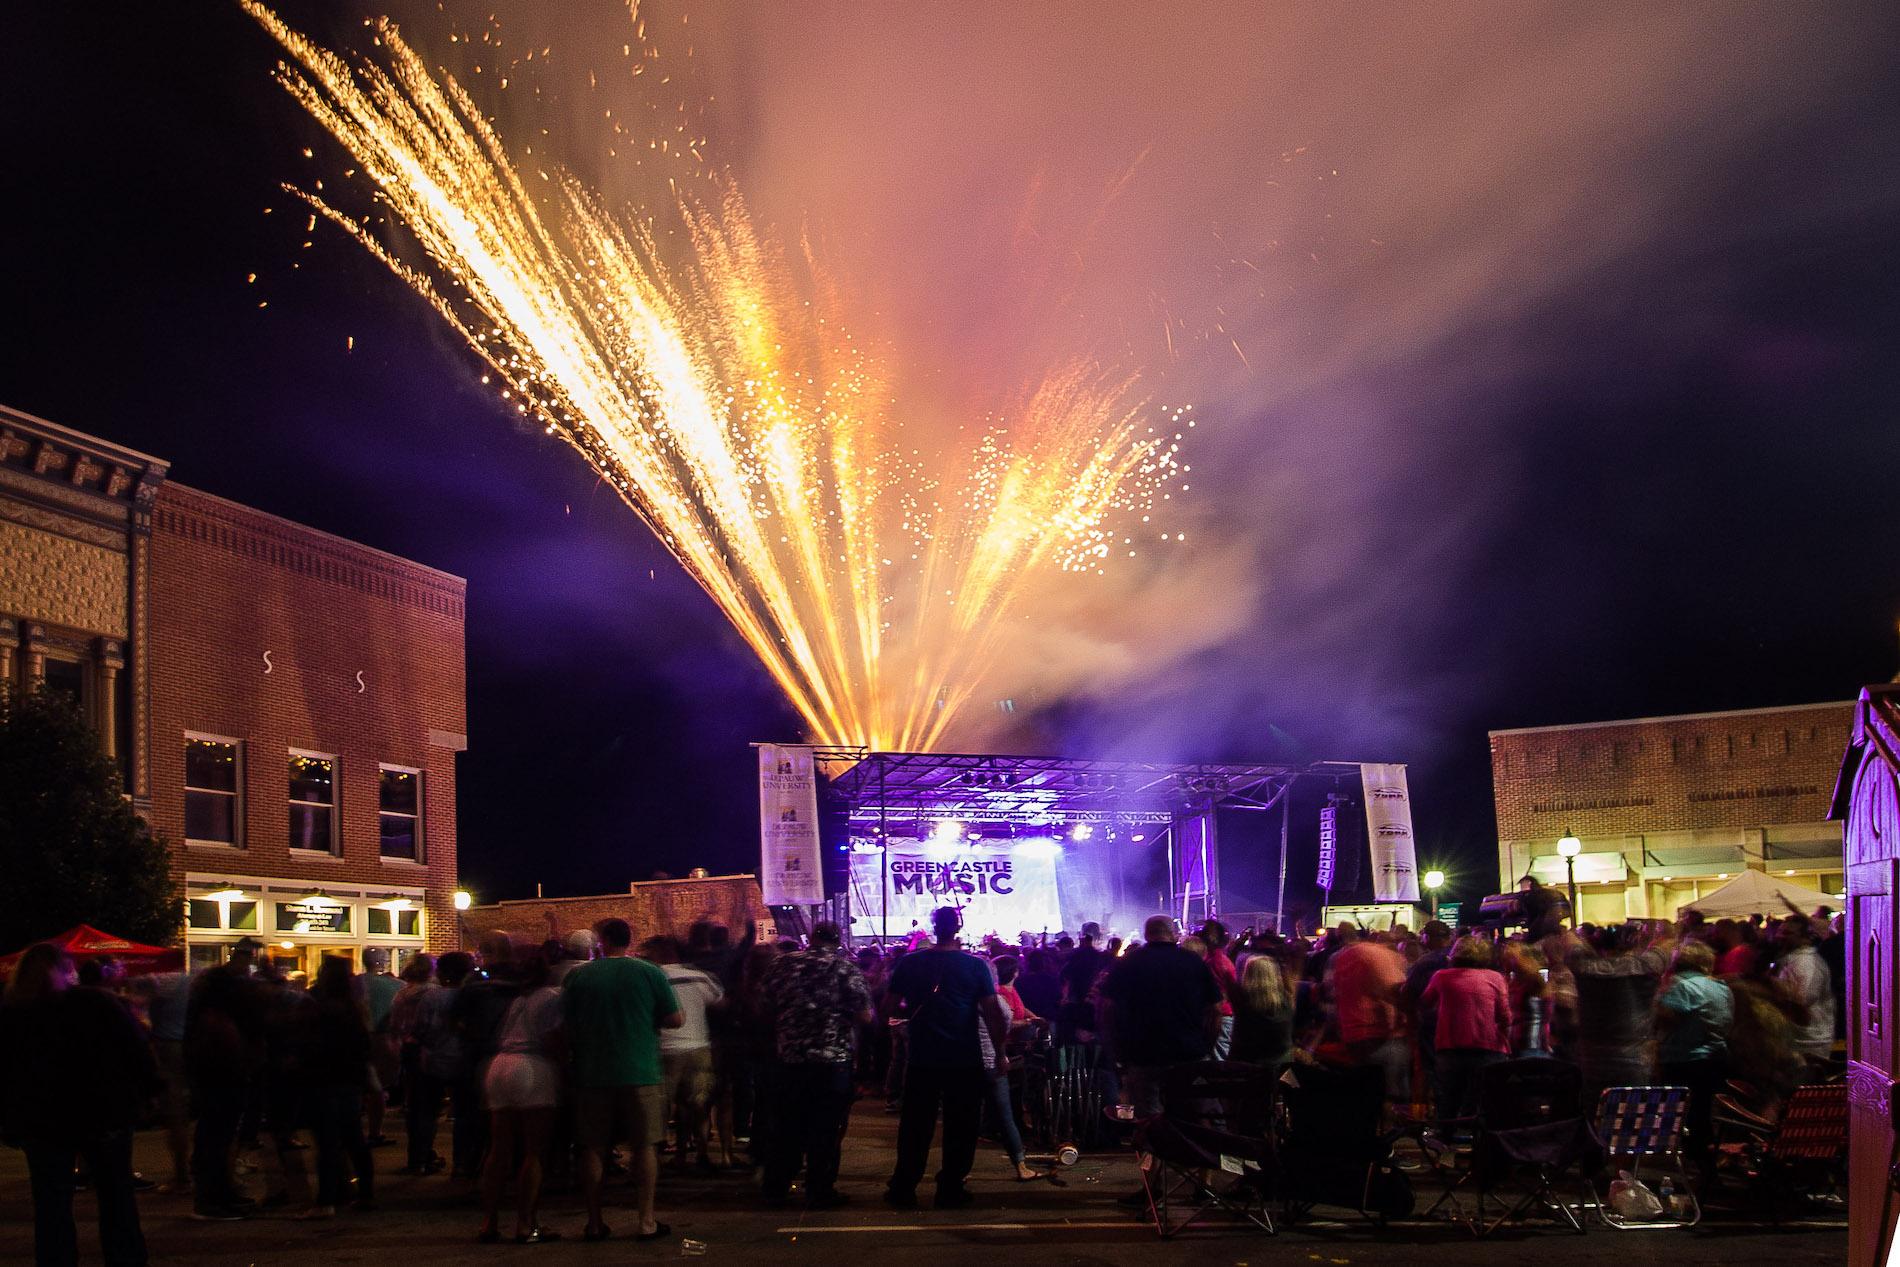 2019 Greencastle Music Fest Firework Photo